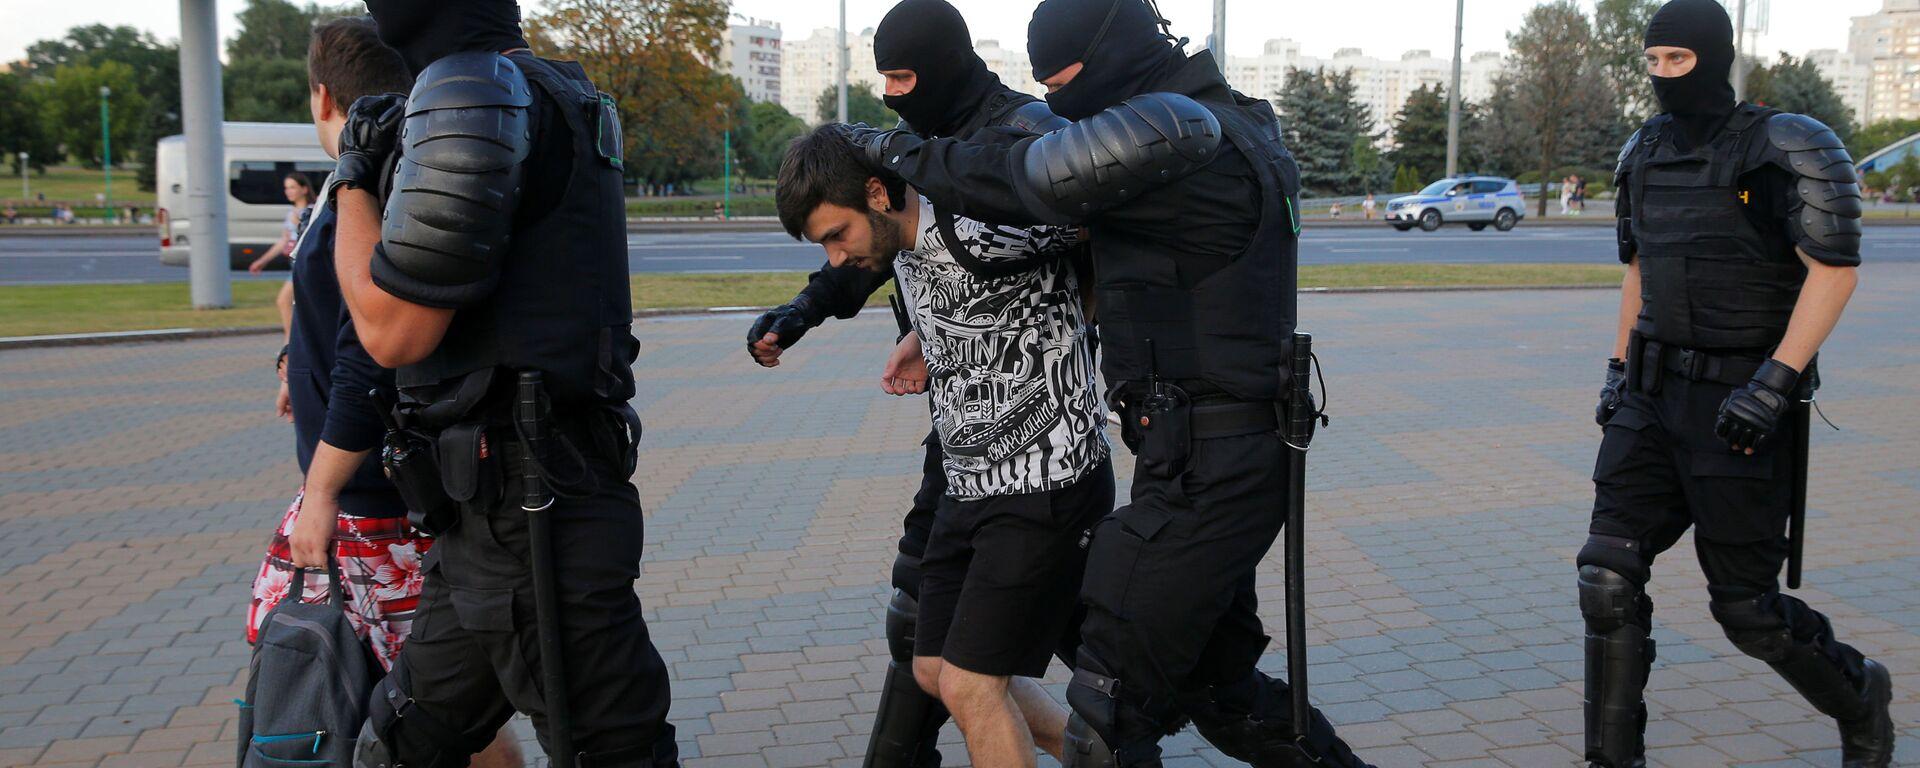 Hapšenje u centru Minska - Sputnik Srbija, 1920, 27.08.2020